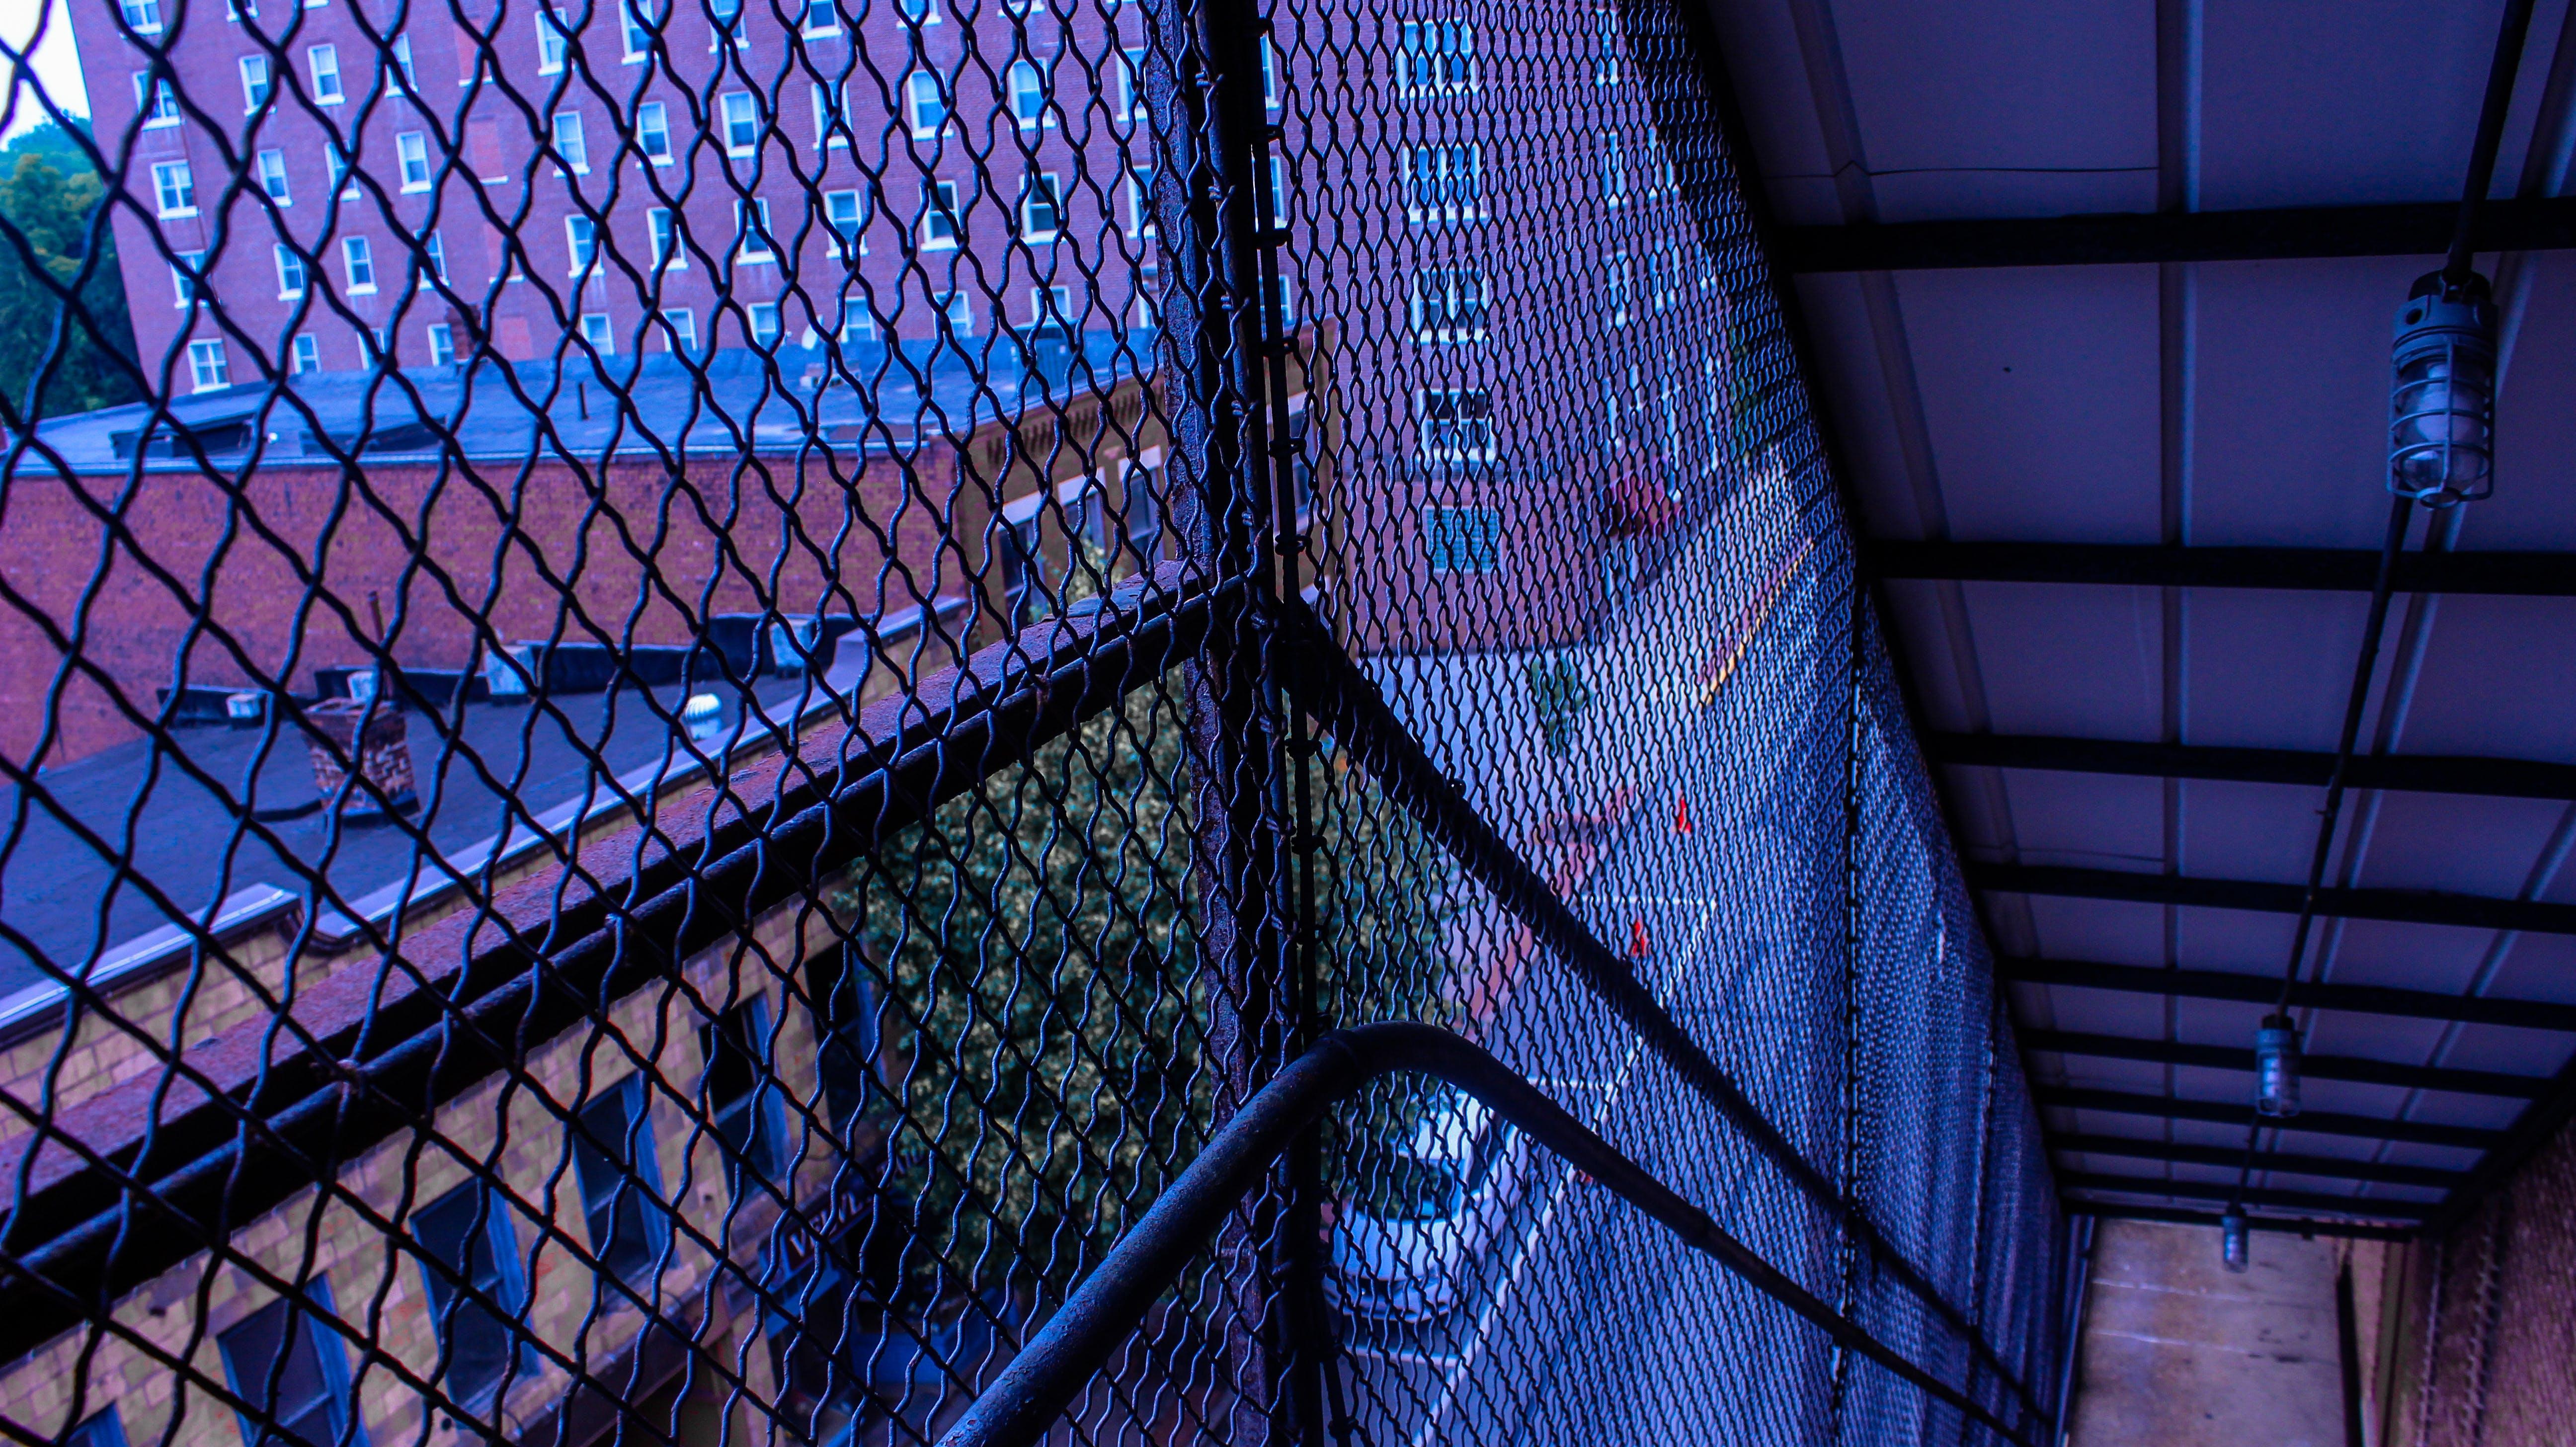 Foto d'estoc gratuïta de carrer, carretera, ciutat, edificis